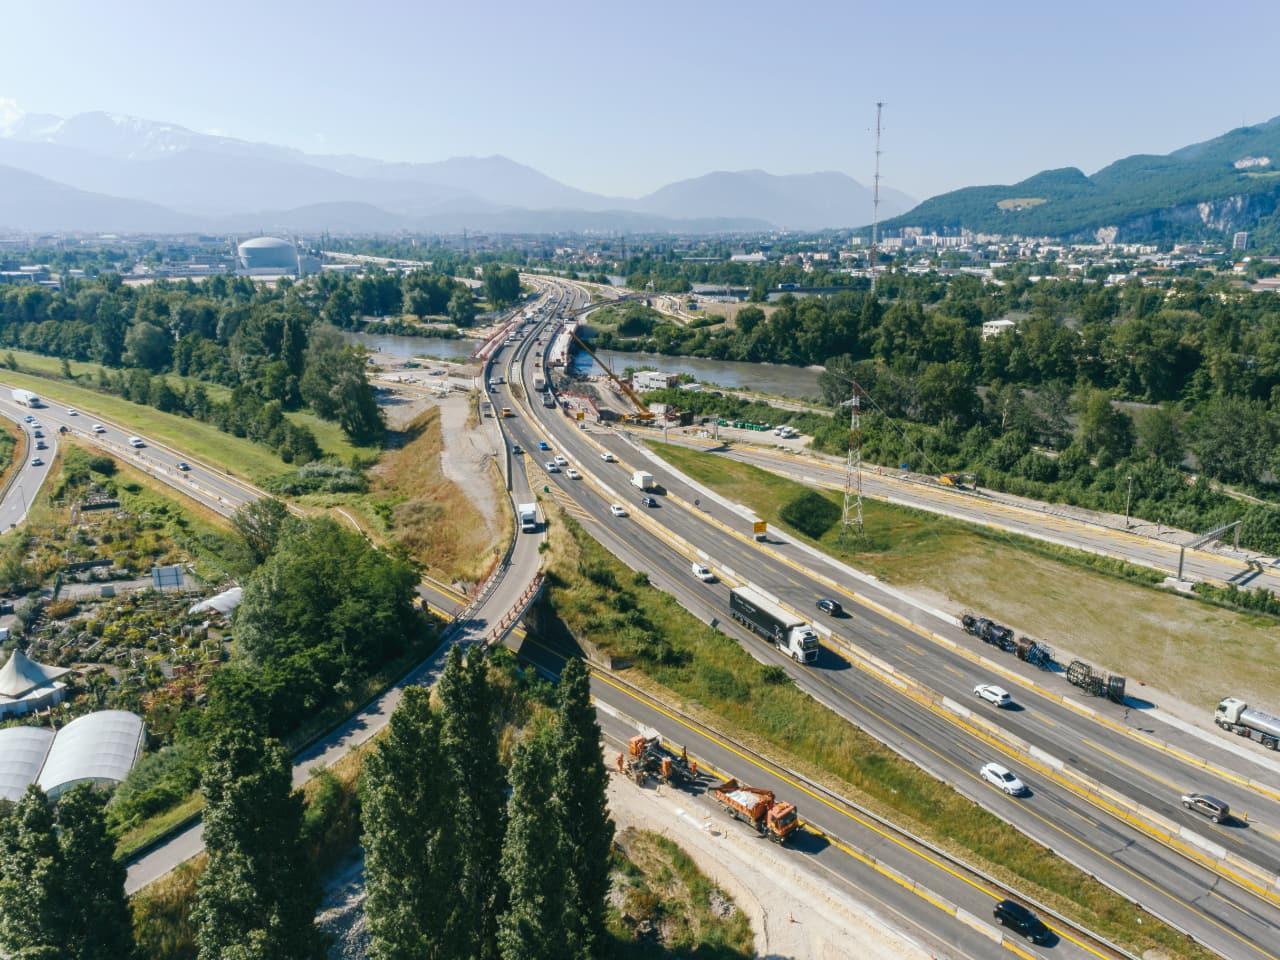 Autoroute A480 et viaduc de l'Isère dans le sens Lyon vers Sisteron